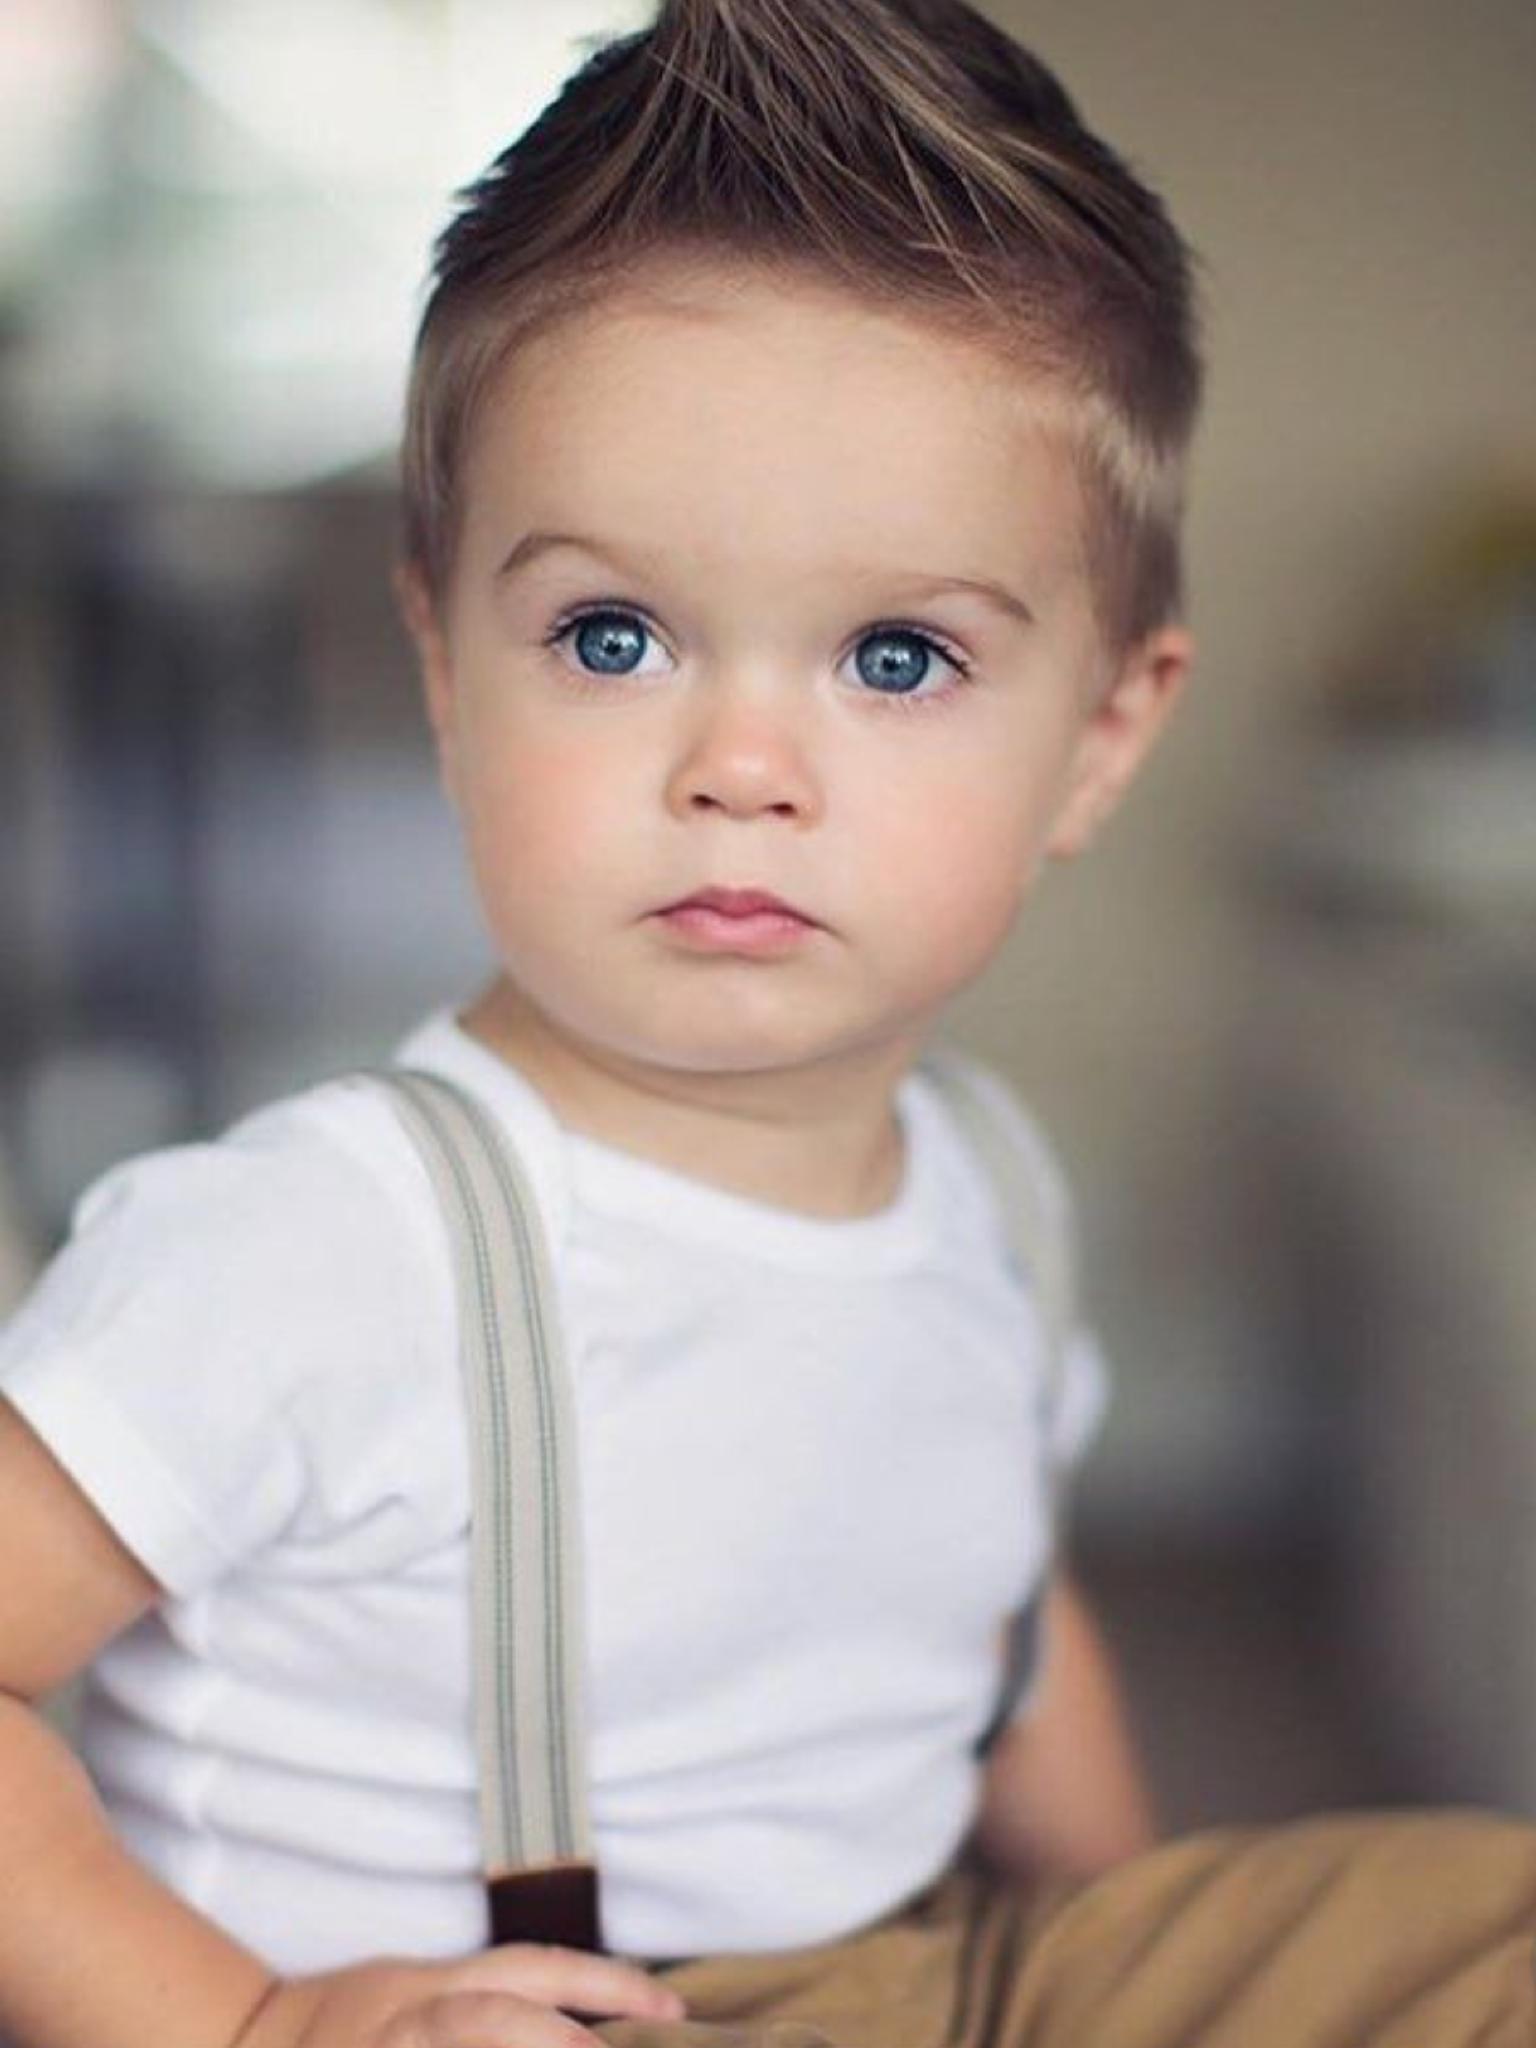 Zie Eens Wa Een Mooi Manneke Baby Boy Hairstyles Baby Boy Haircuts Little Boy Haircuts